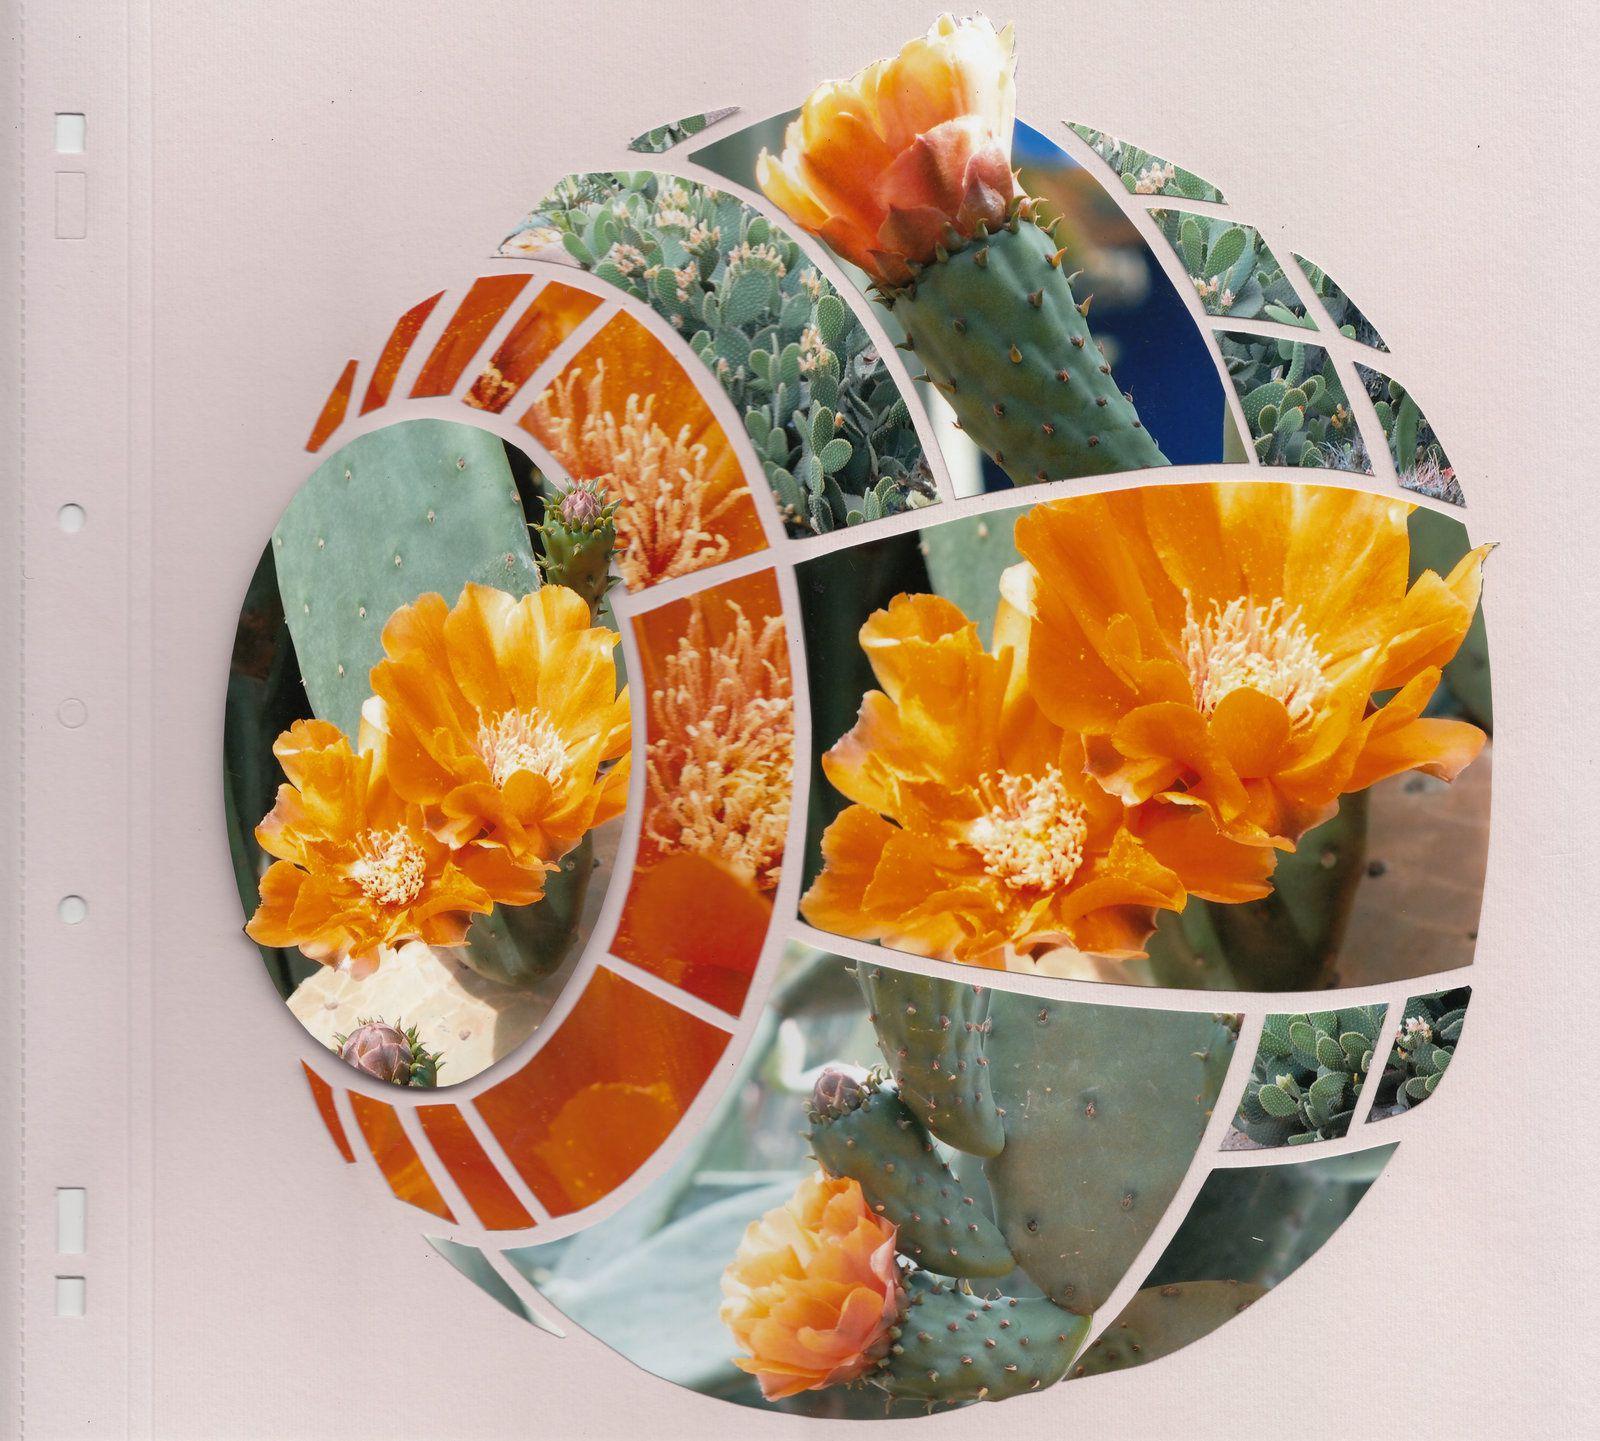 Gabarit Sphère, les cactus de Majorelle